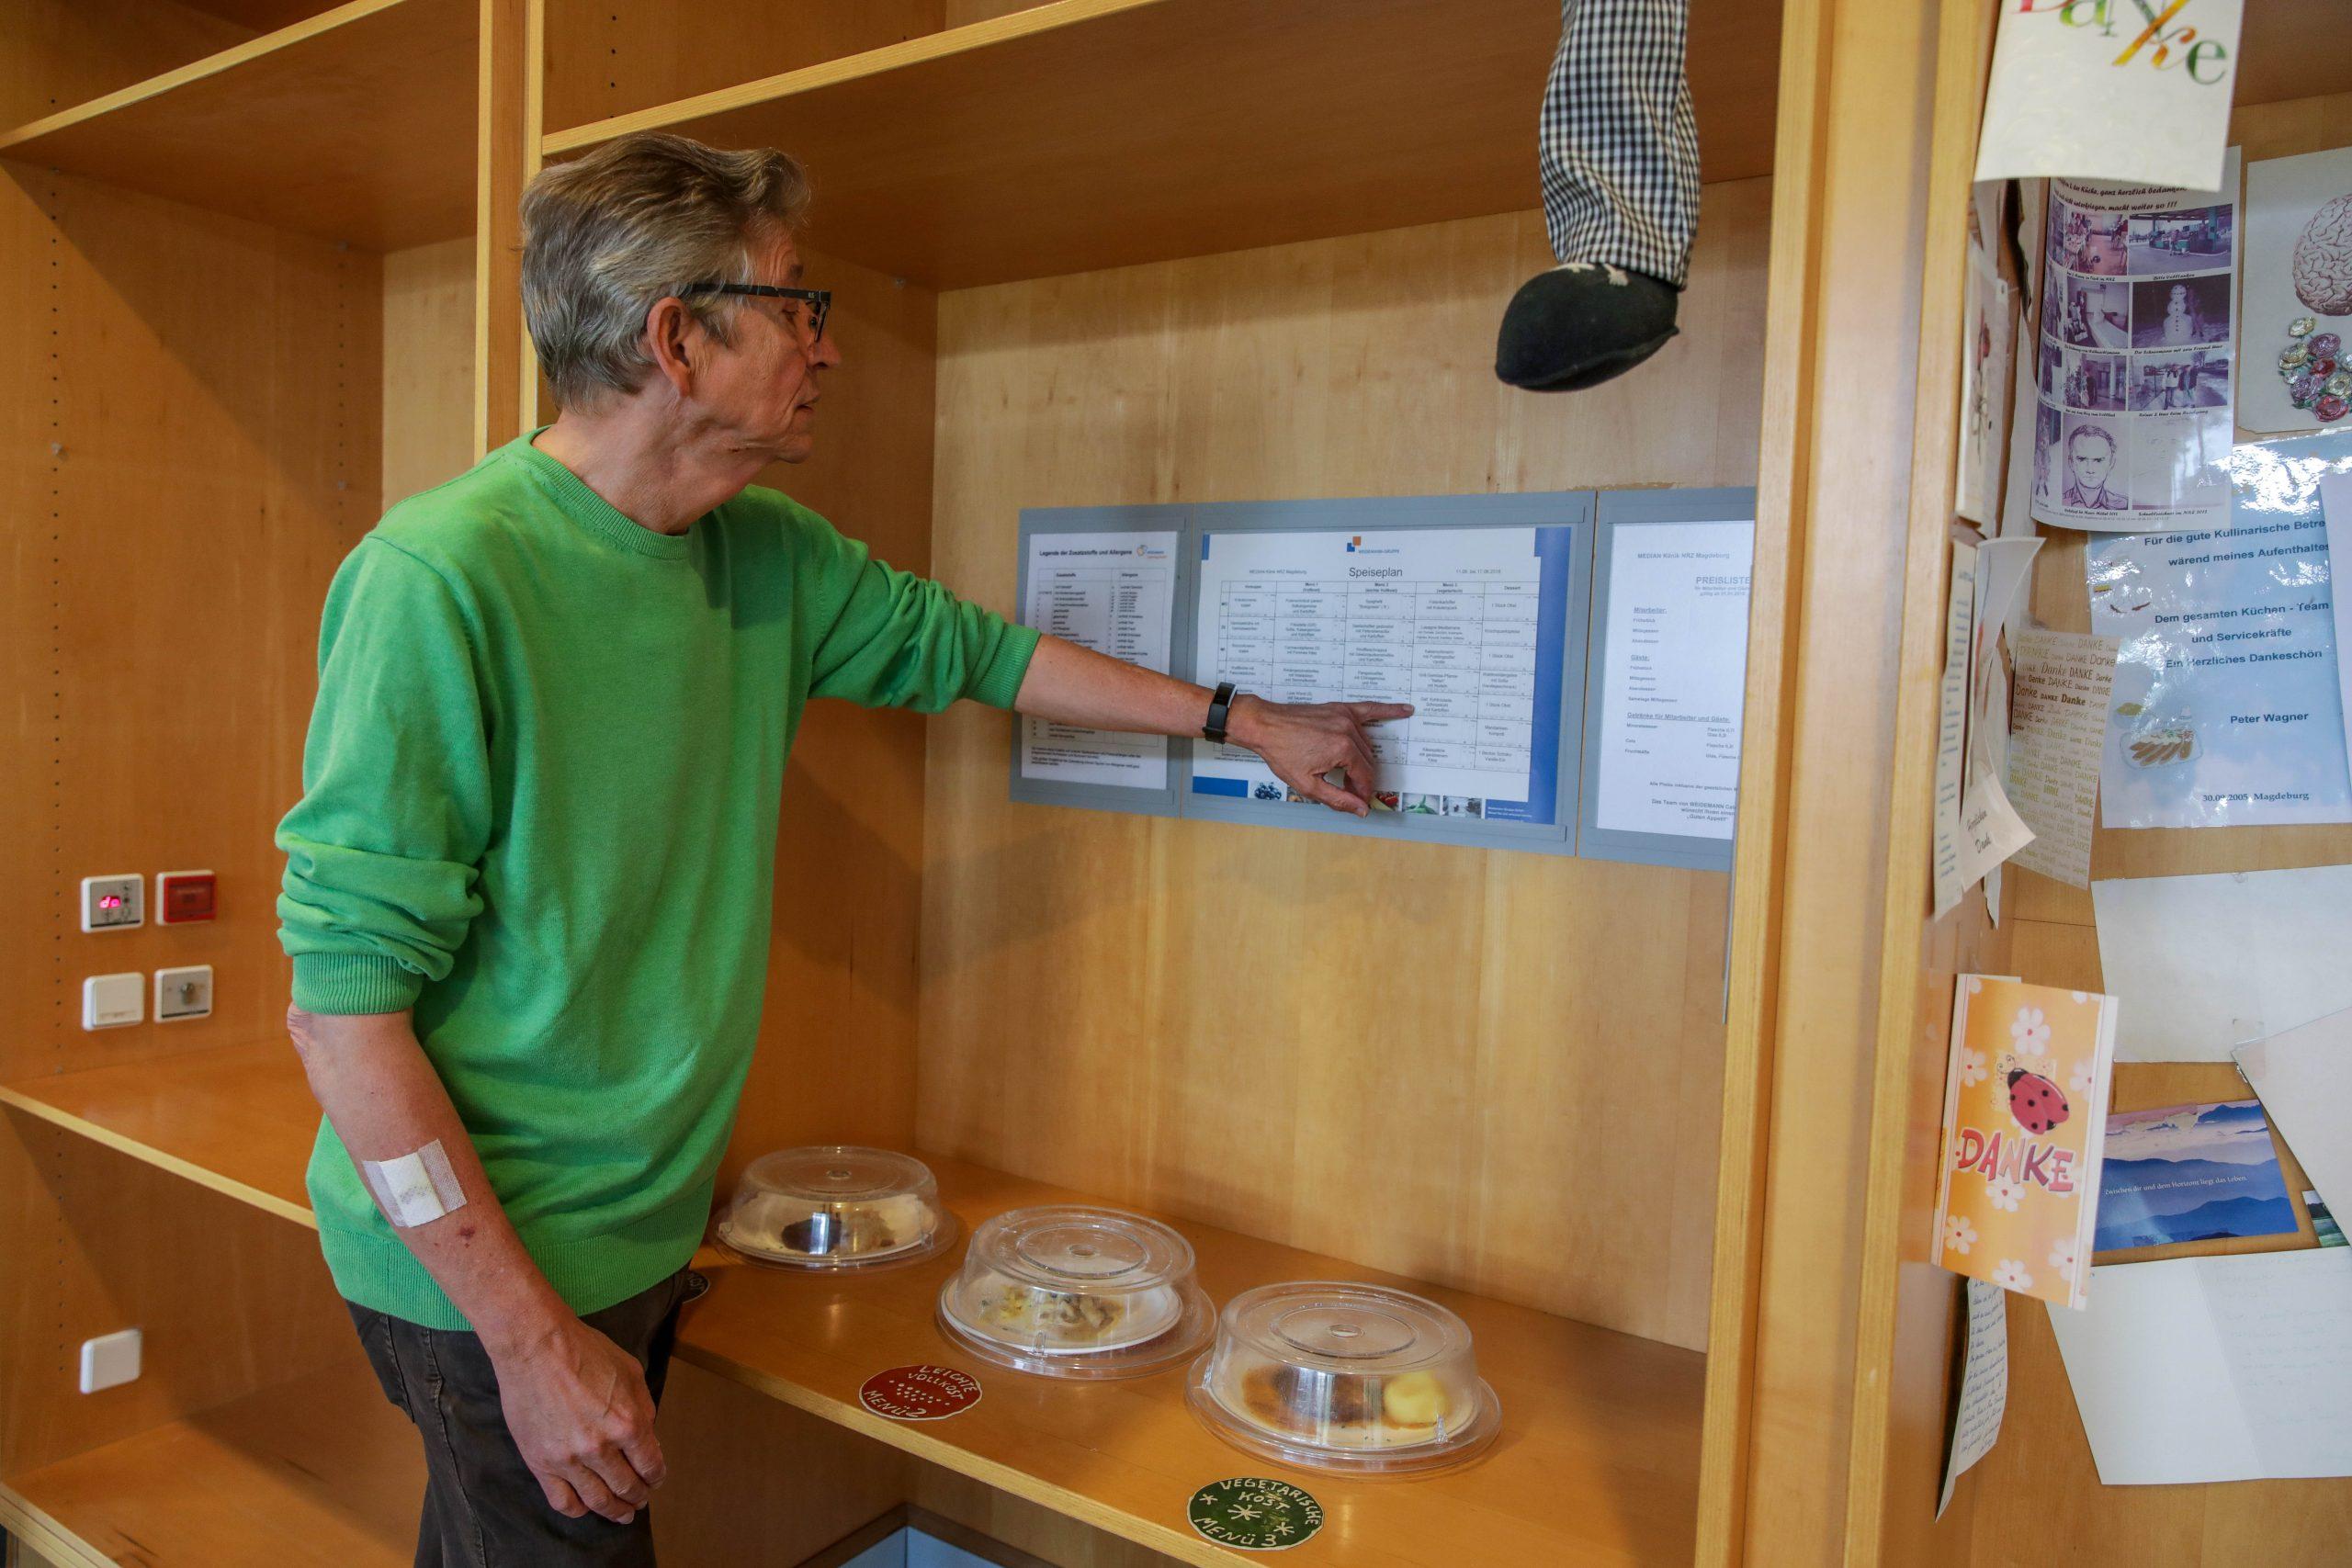 Das-erste-Essen-im-NRZ-Kaffee-sucht-sich-Reha-Patient-Thomas-Pfundtner-auf-dem-woechentlichen-Speiseplan-aus